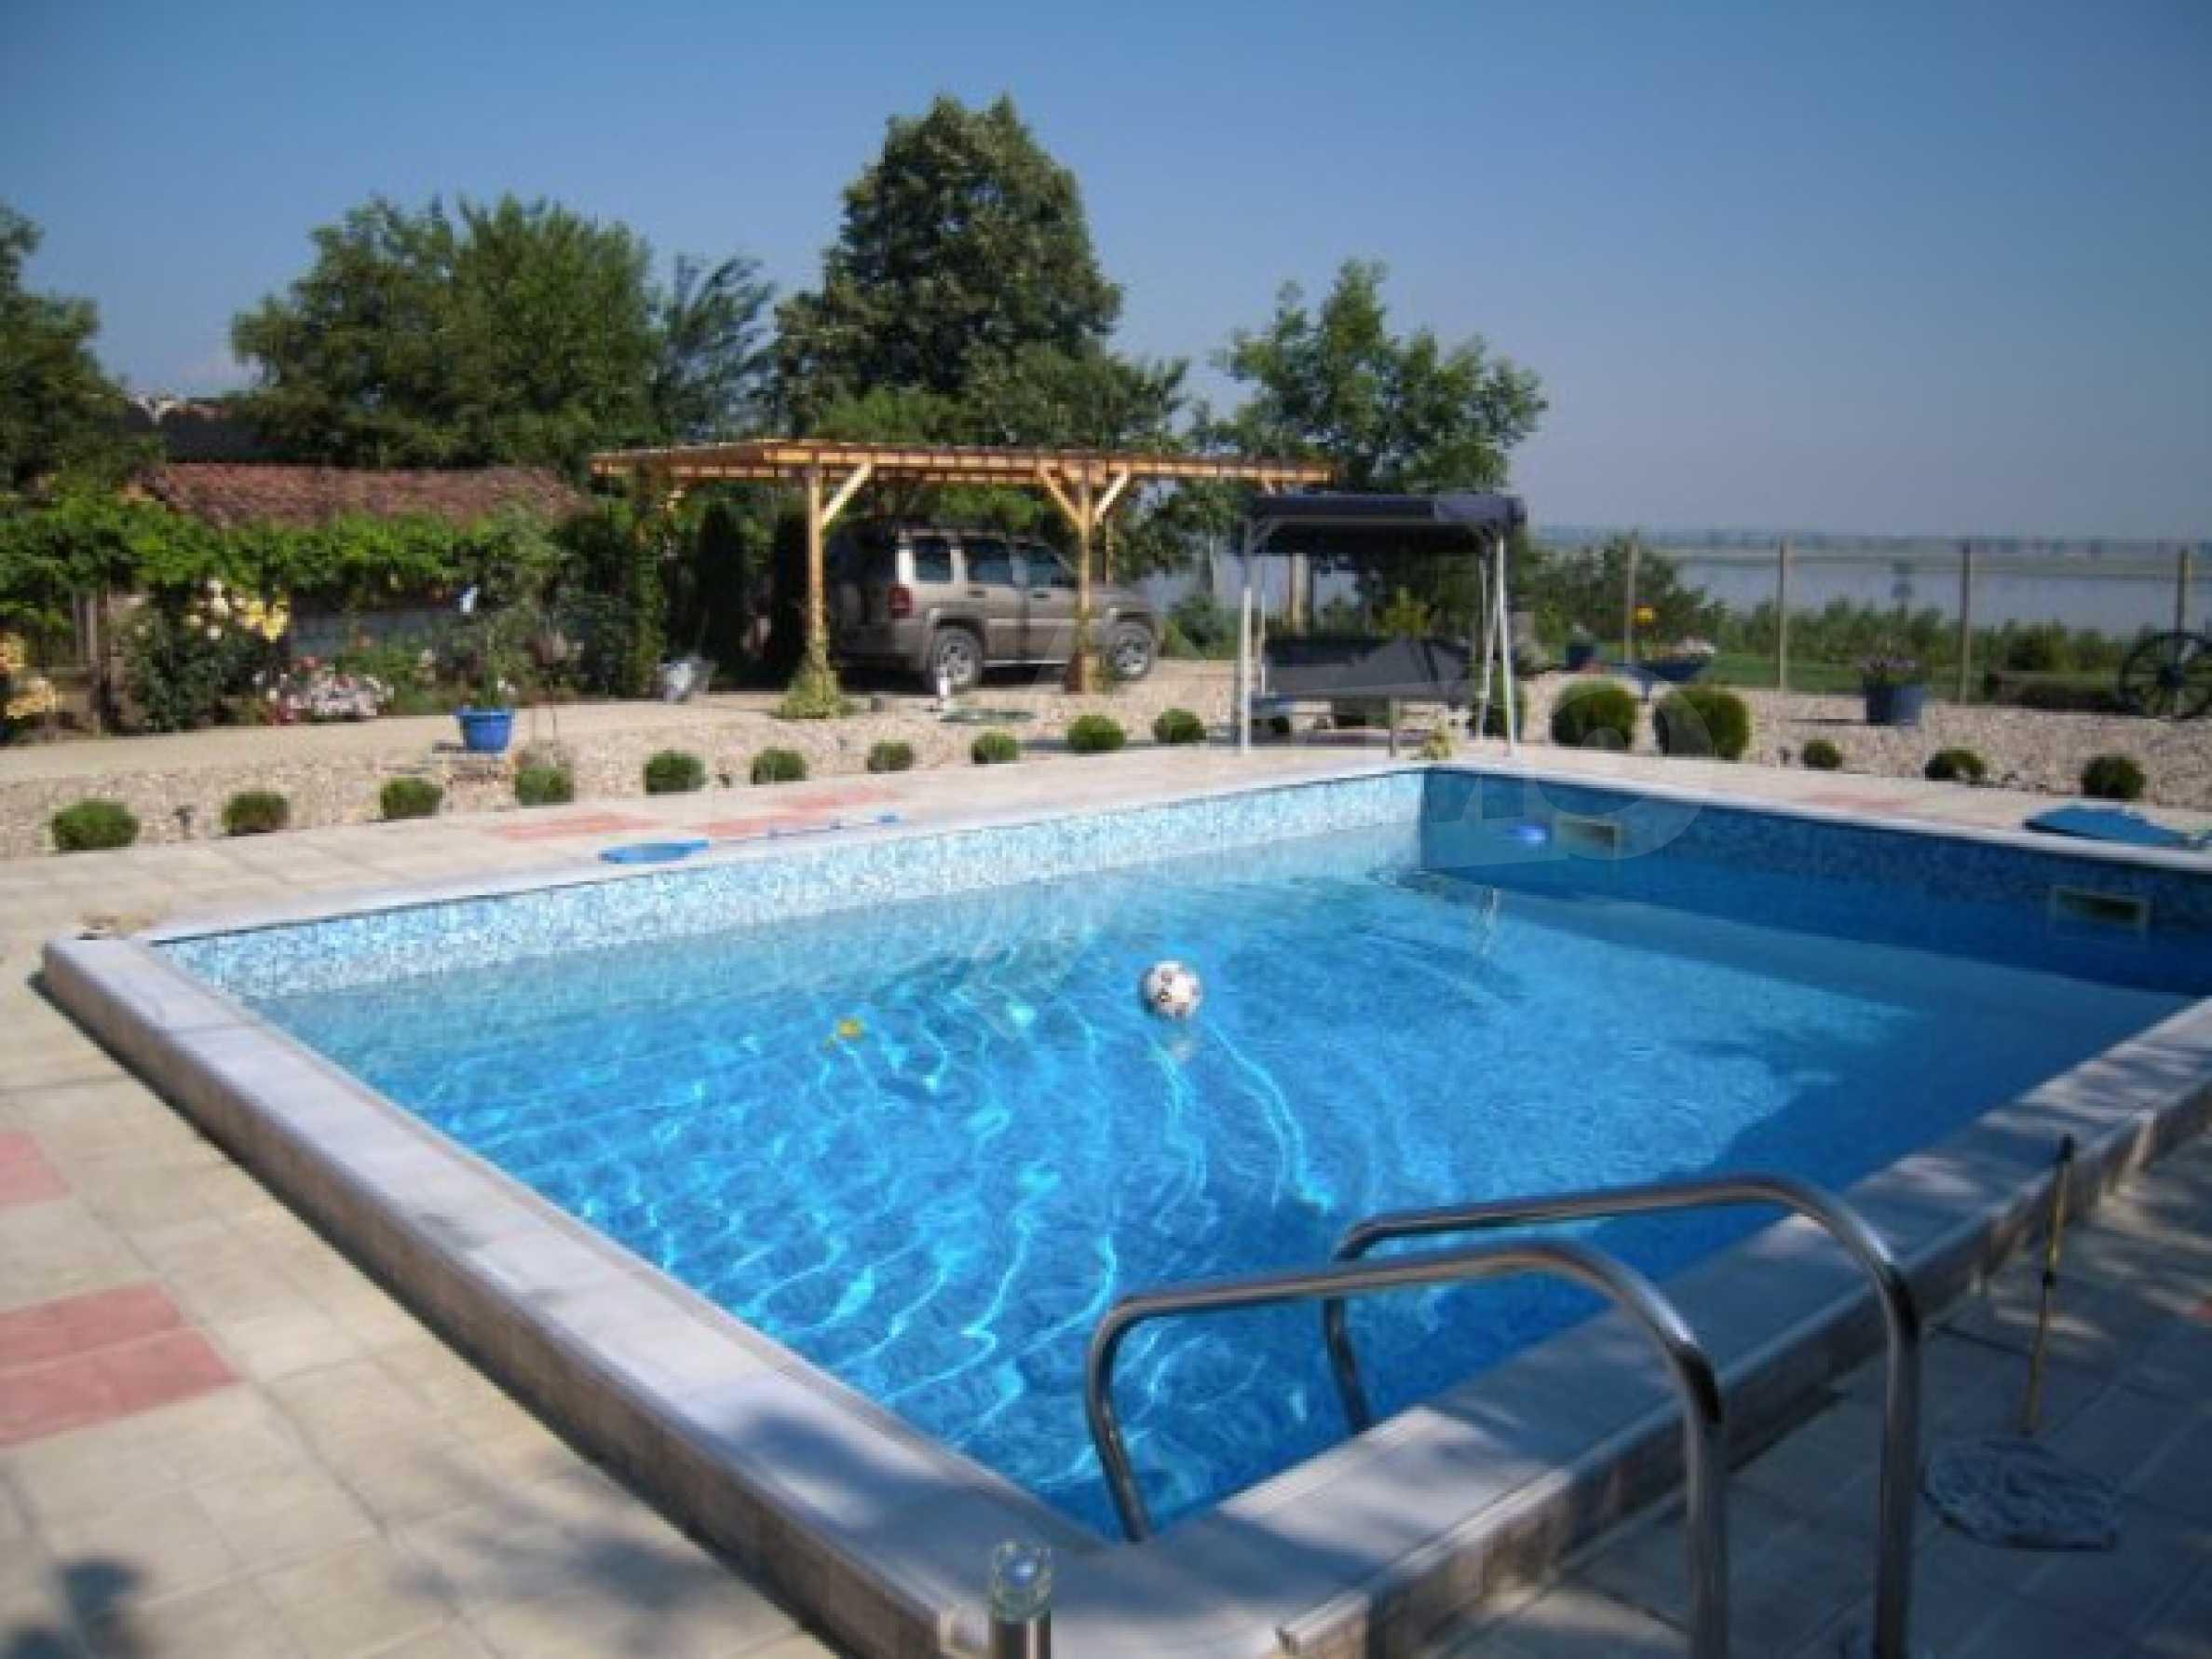 Хубава къща с градина, басейн, беседка с барбекю и лятна кухня 27